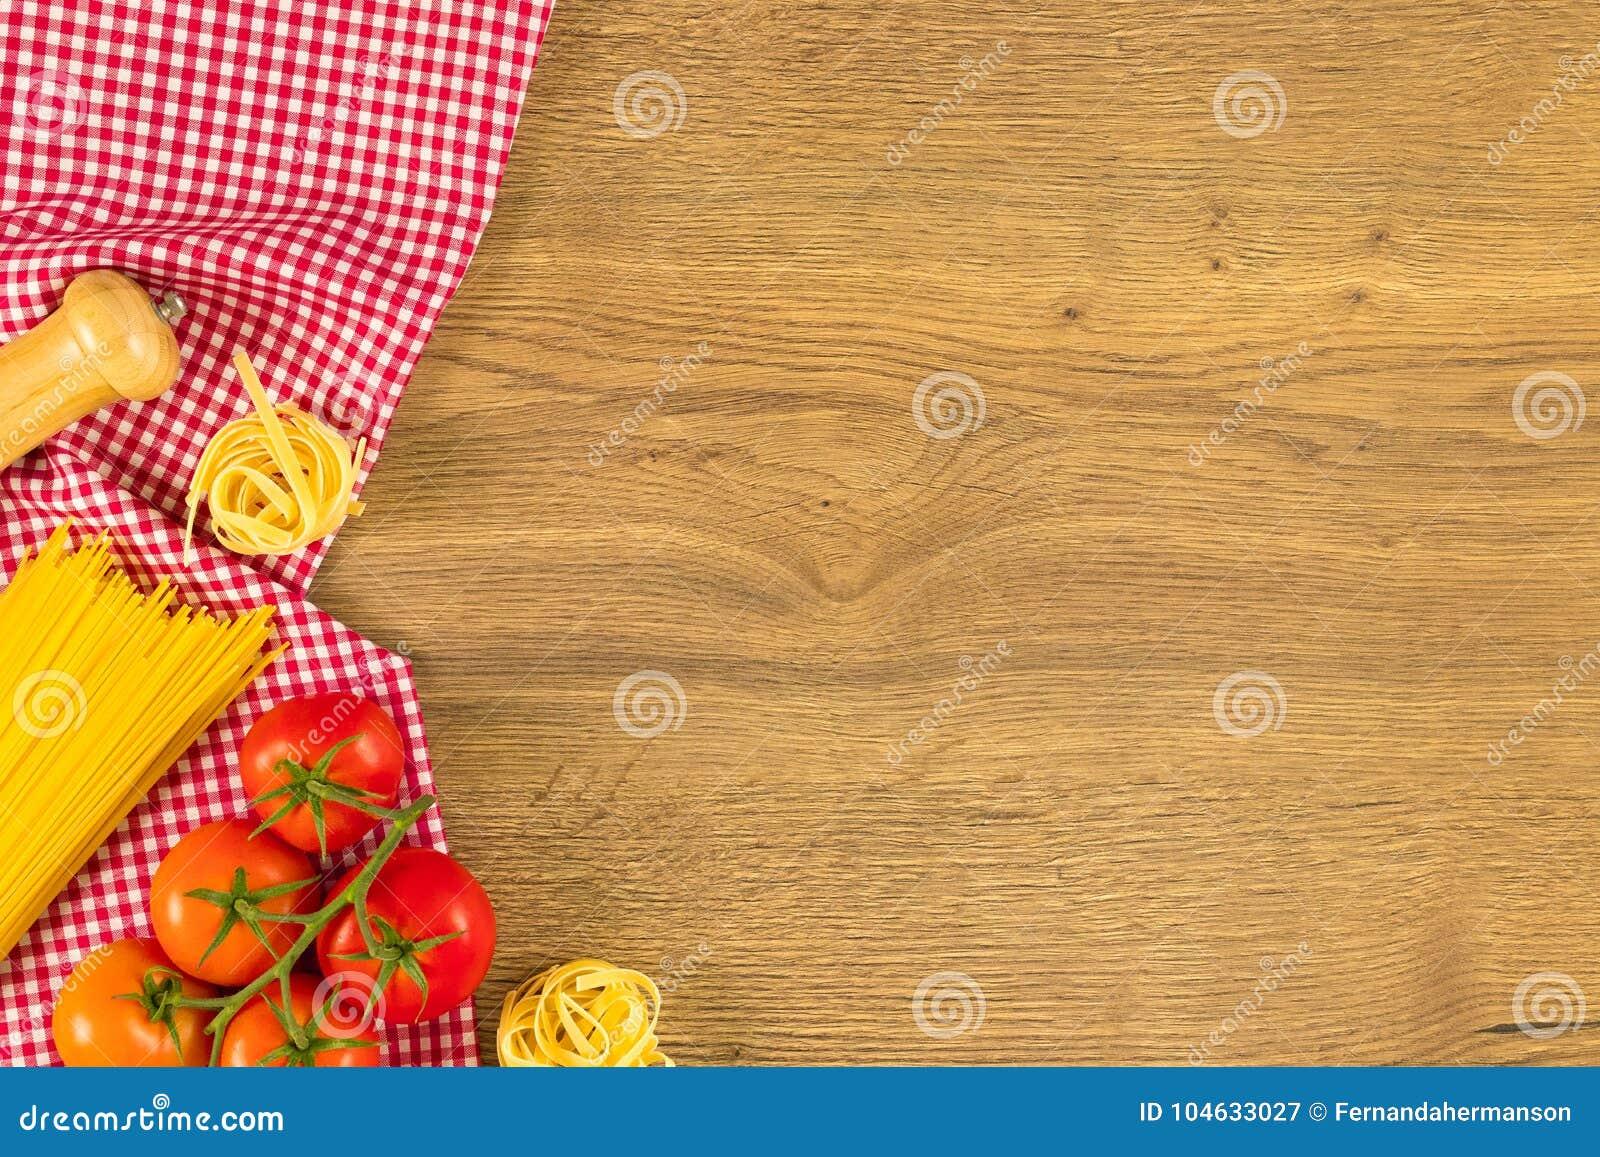 Download Italiaans Voedsel En Ruwe Ingrediënten Op Houten Achtergrond Hoogste Mening Stock Afbeelding - Afbeelding bestaande uit maaltijd, voedsel: 104633027